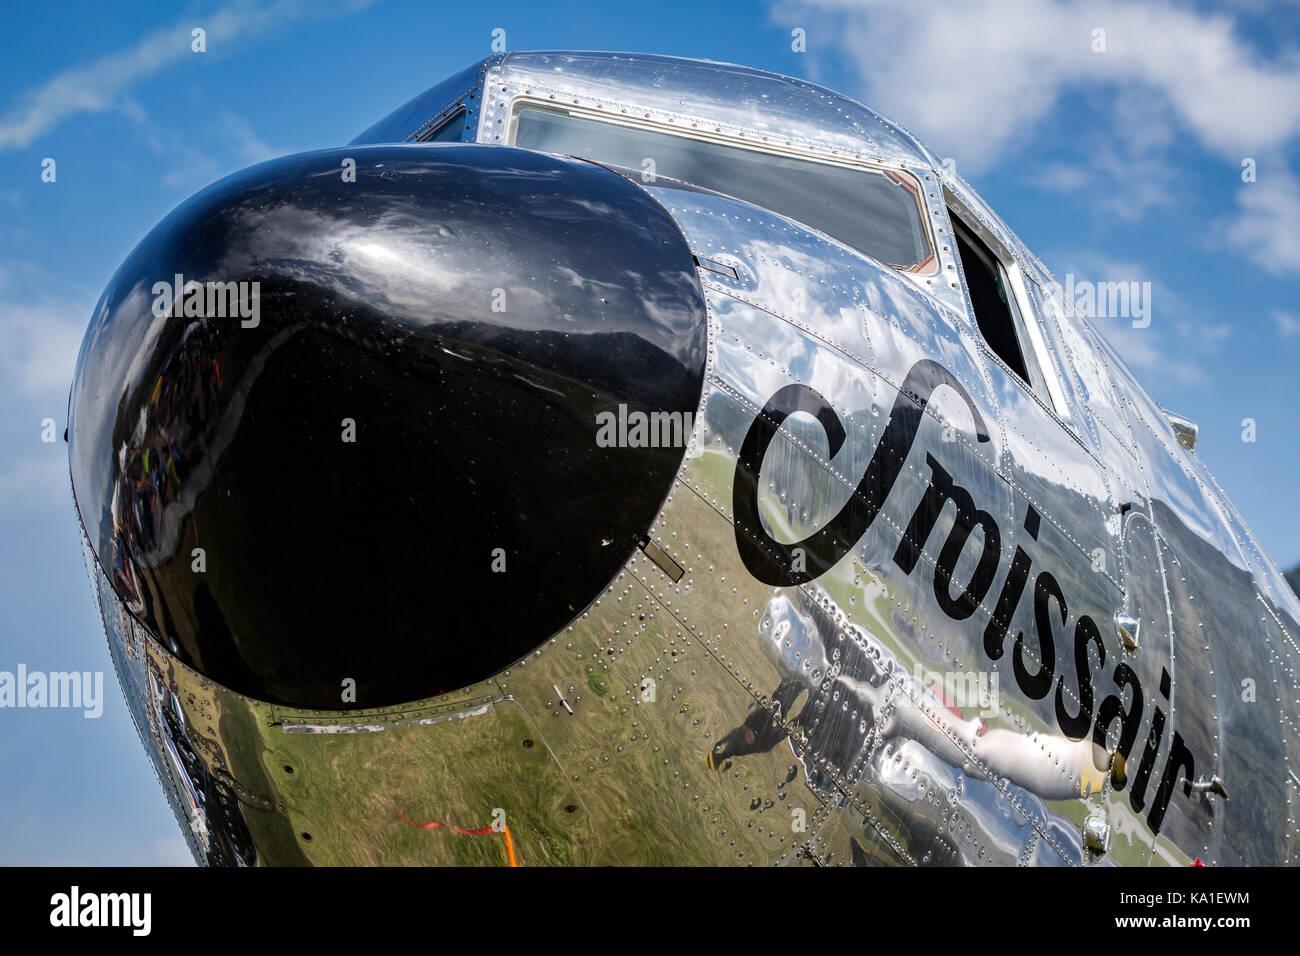 In der Nähe von eine Douglas DC-3, propeller Airliner, Sion Airshow, Sion, Wallis, Schweiz Stockbild